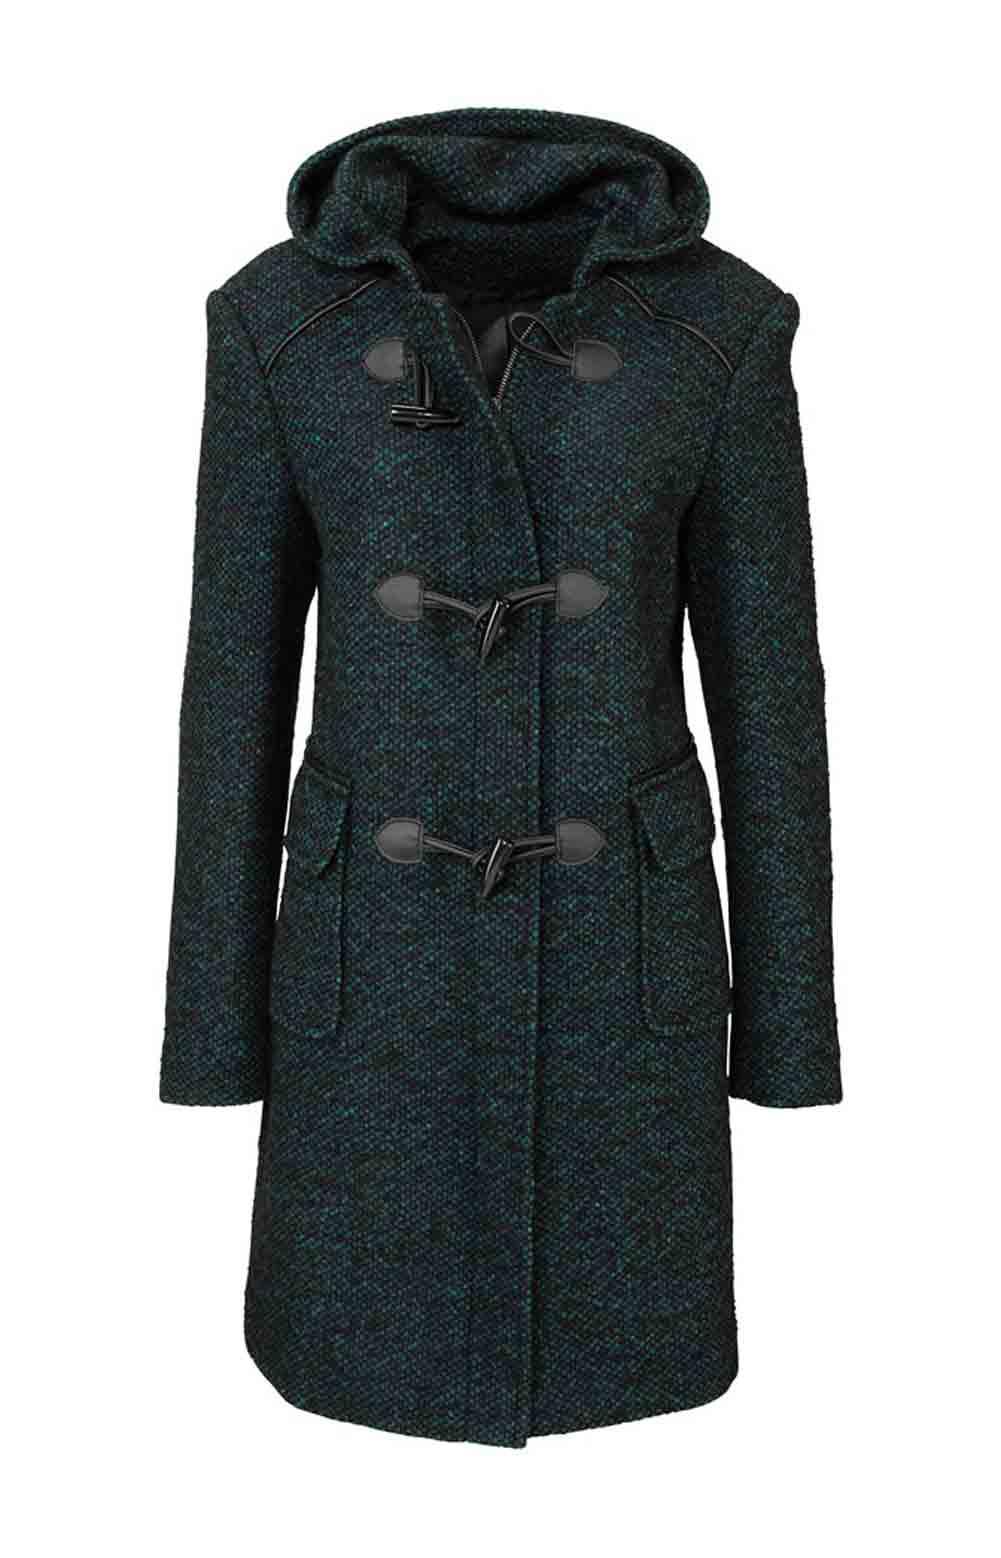 Dámský vlněný kabát černopetrolejový (BOYSENS)